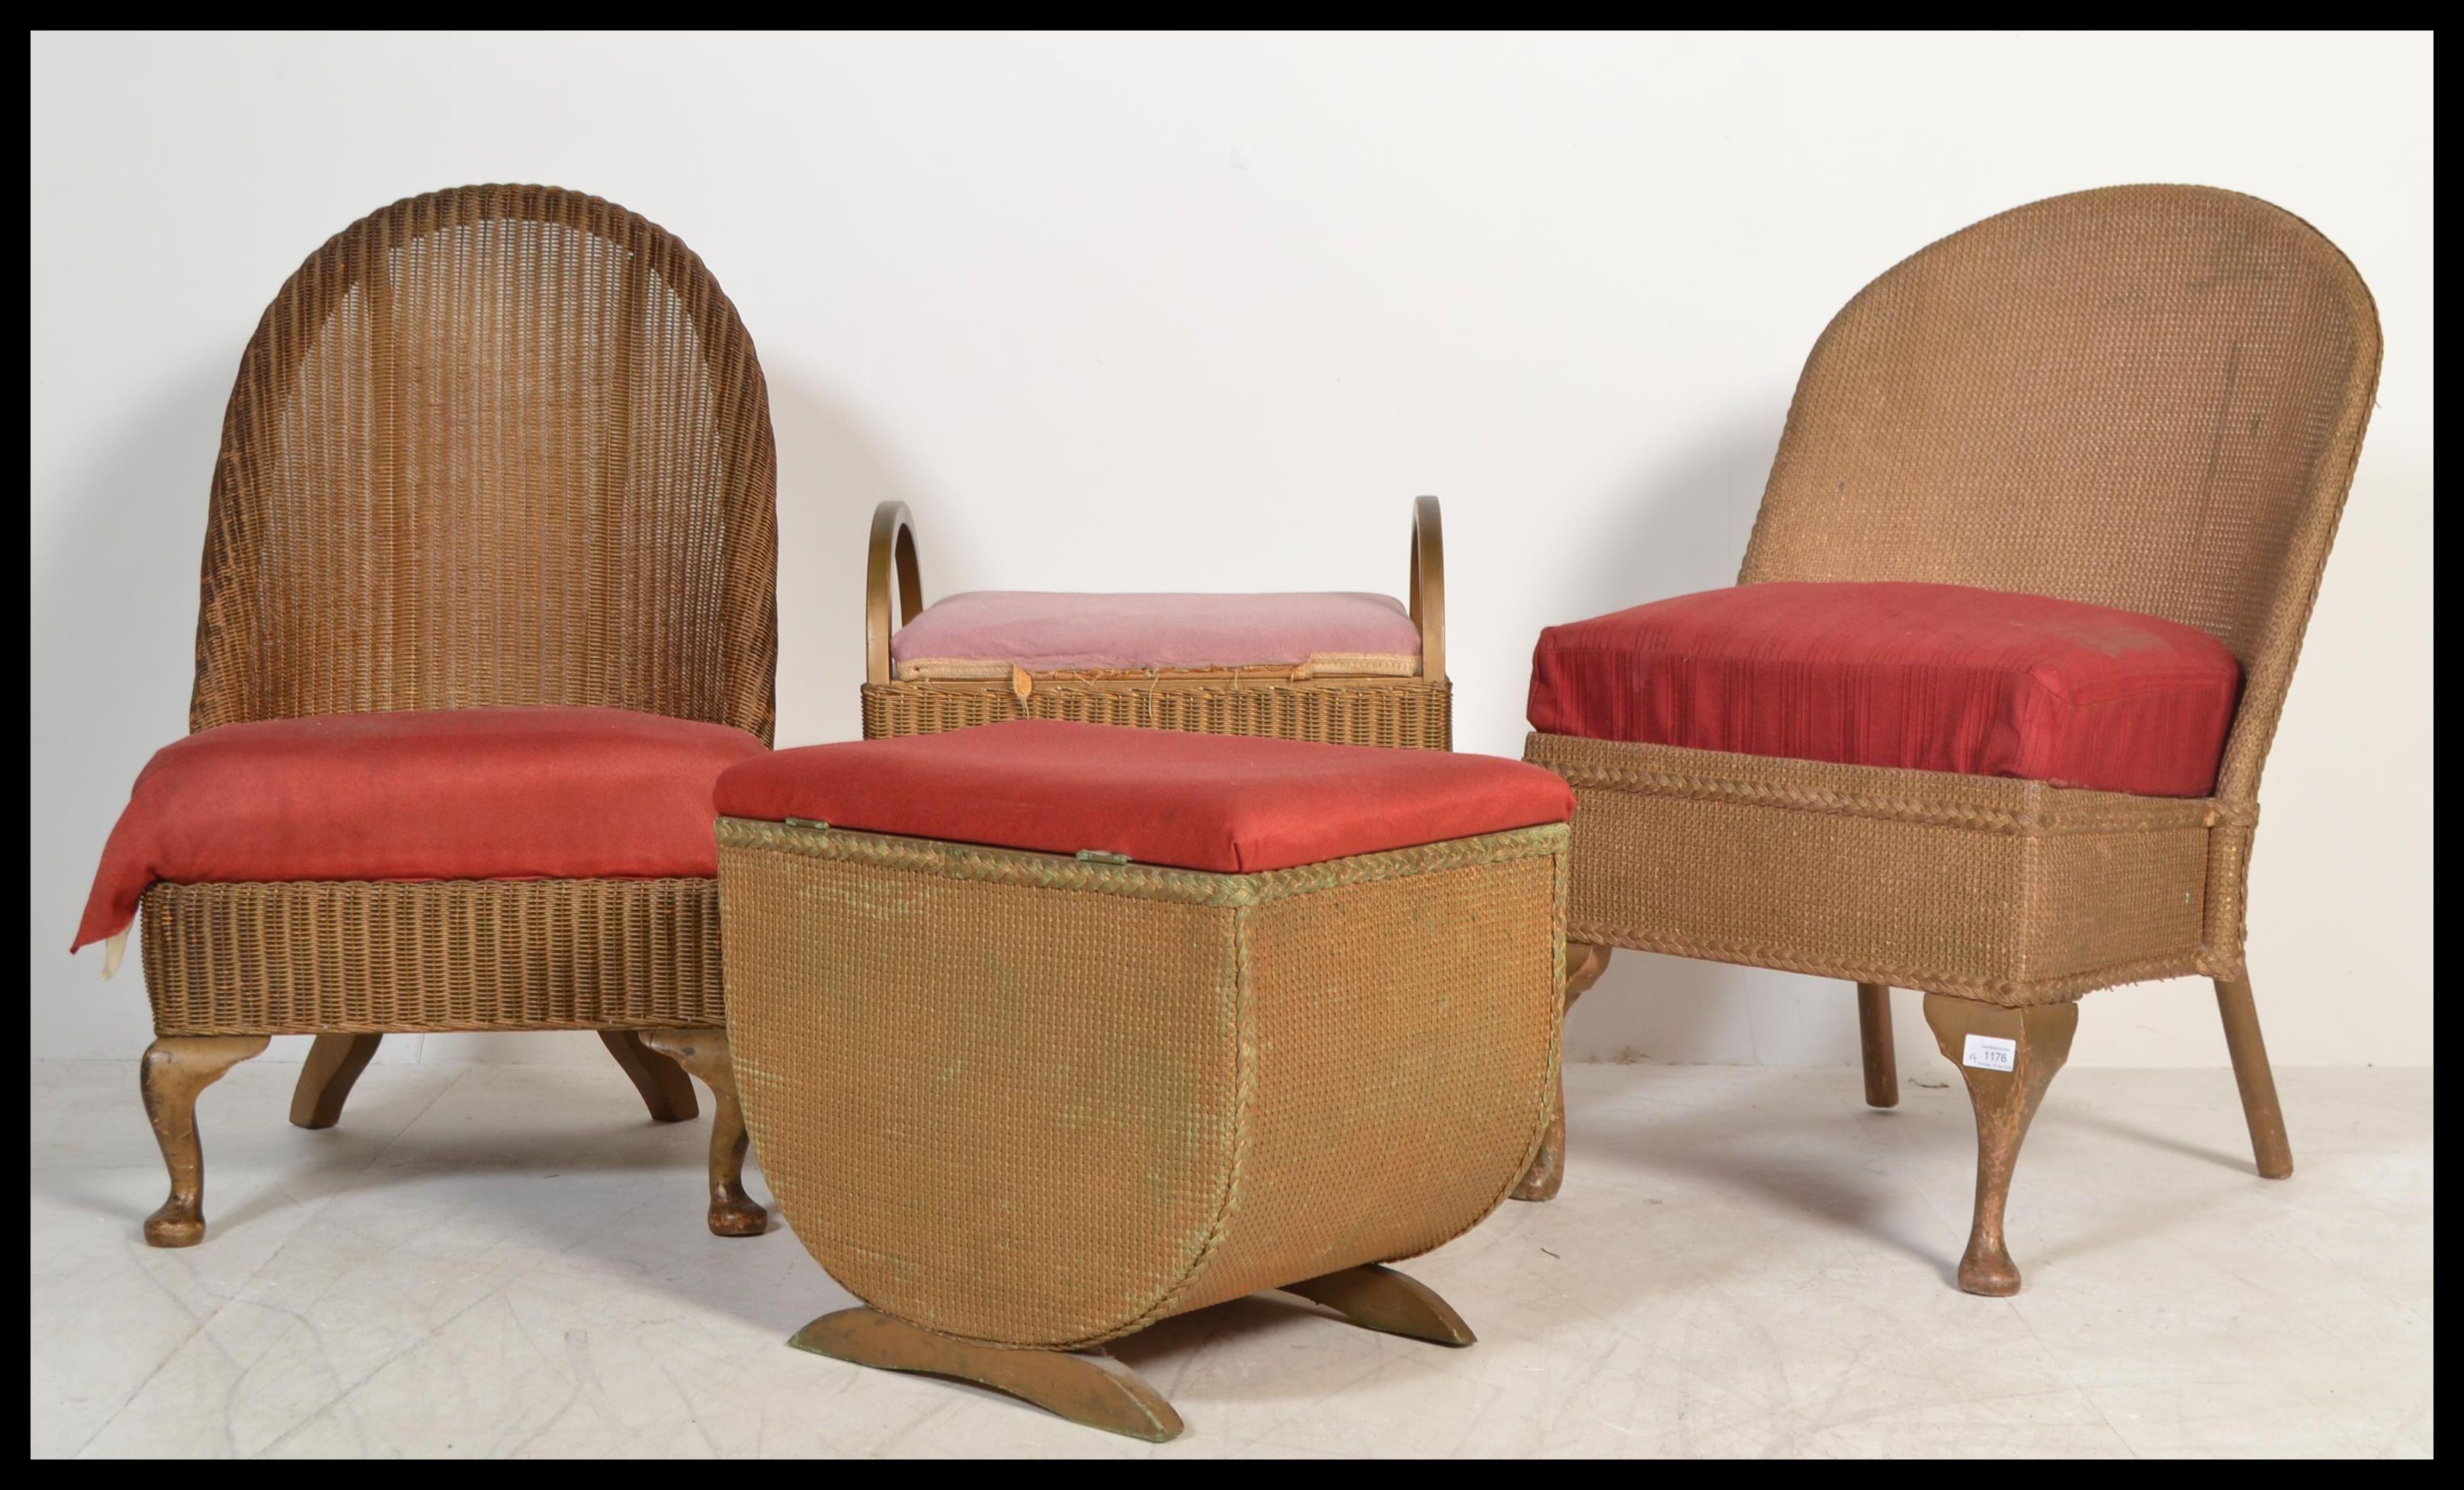 Dating lloyd loom furniture